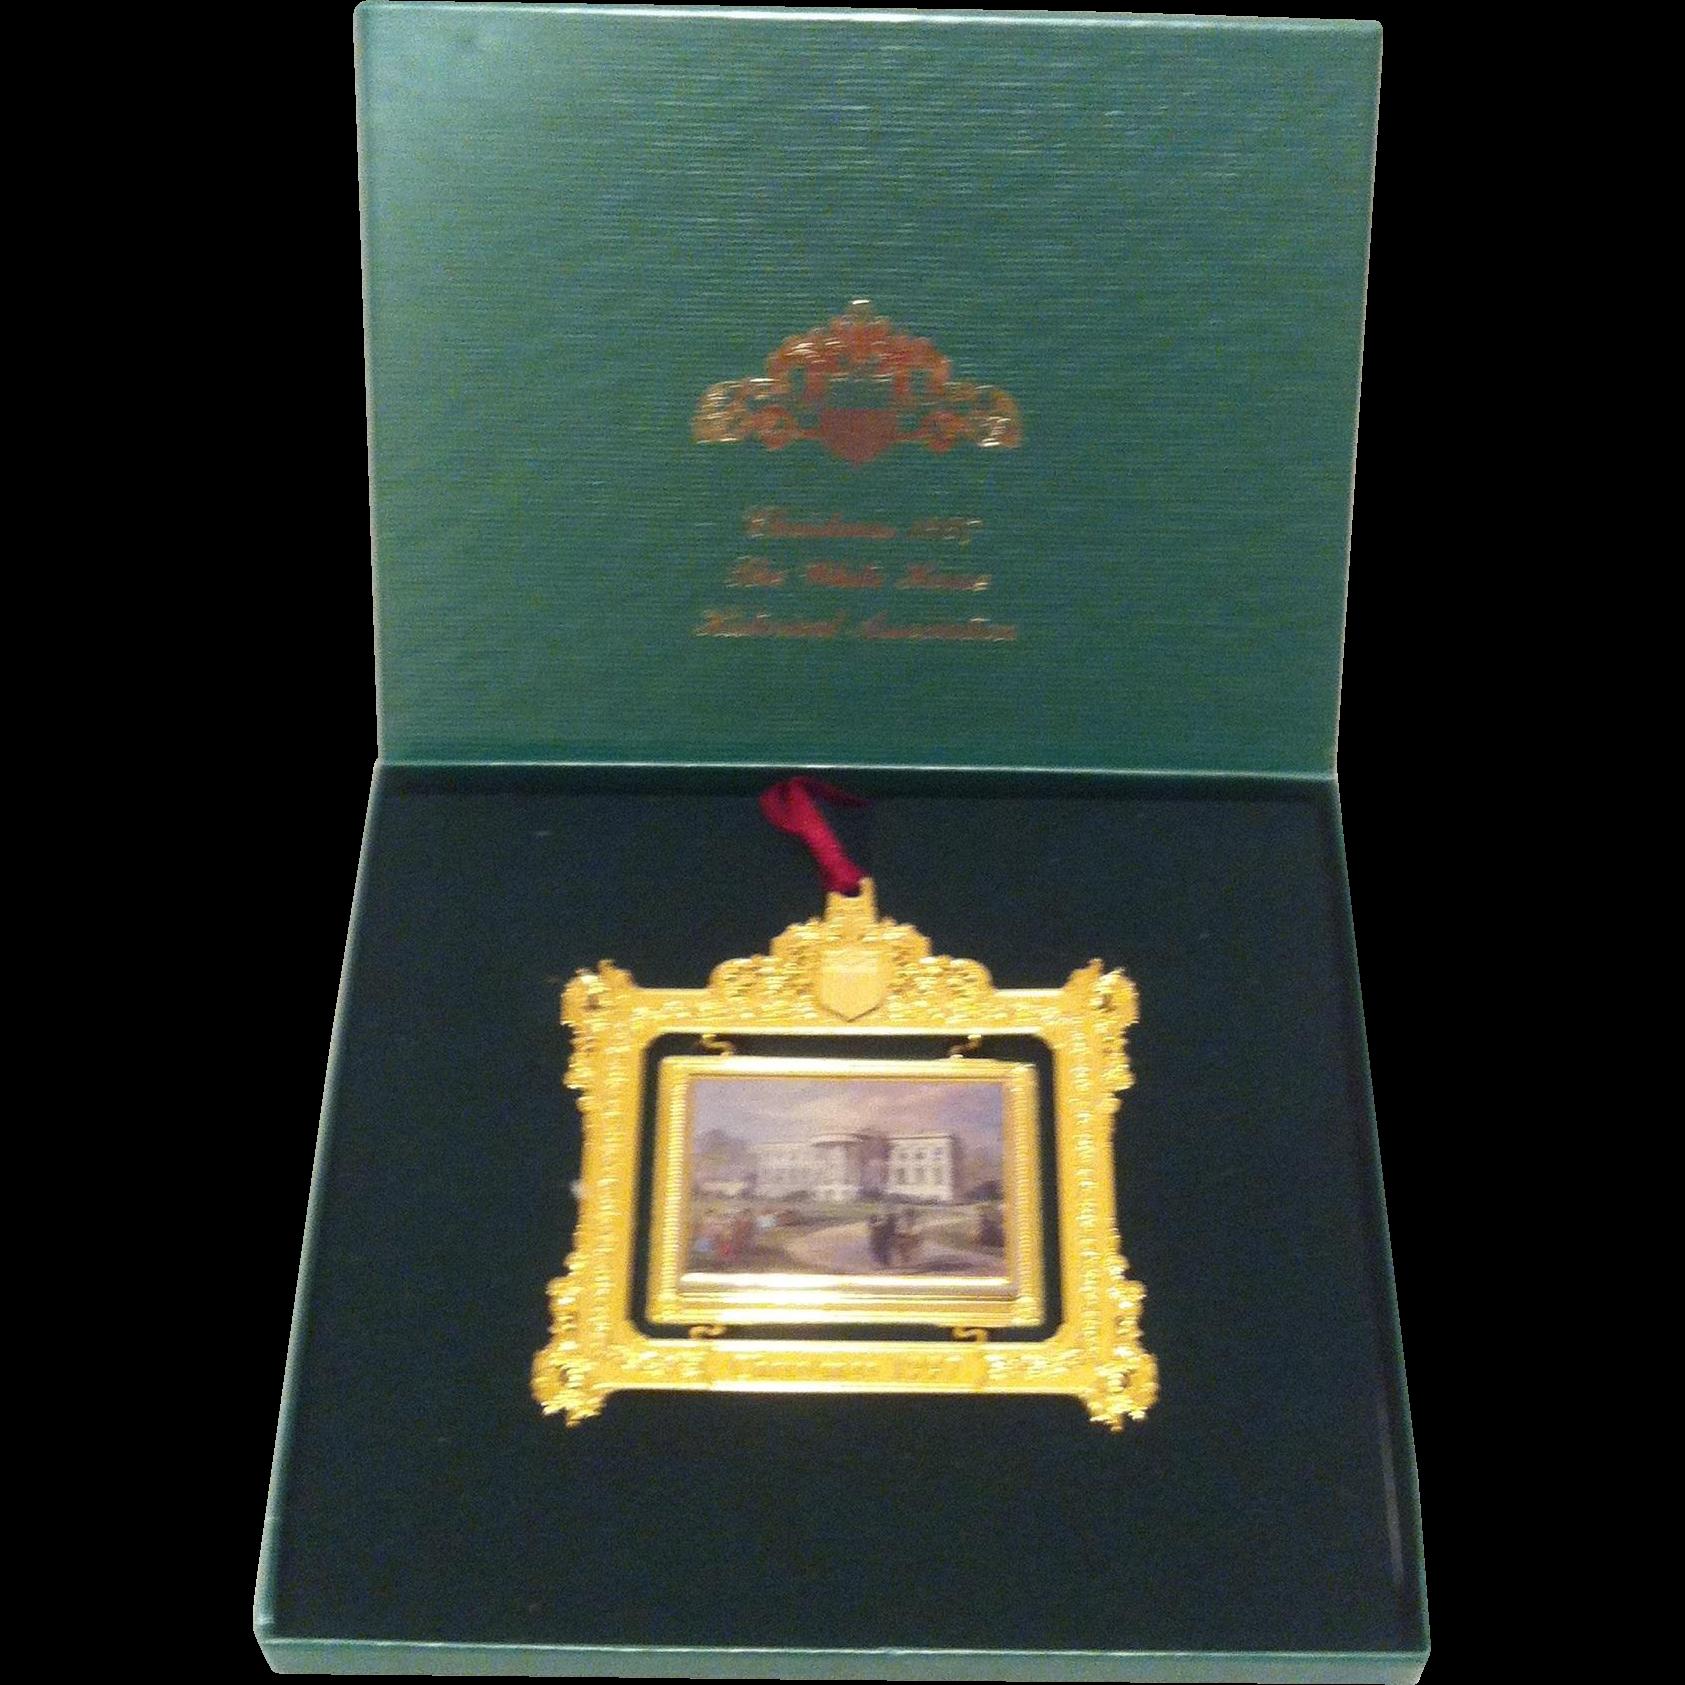 1997 White House Ornament